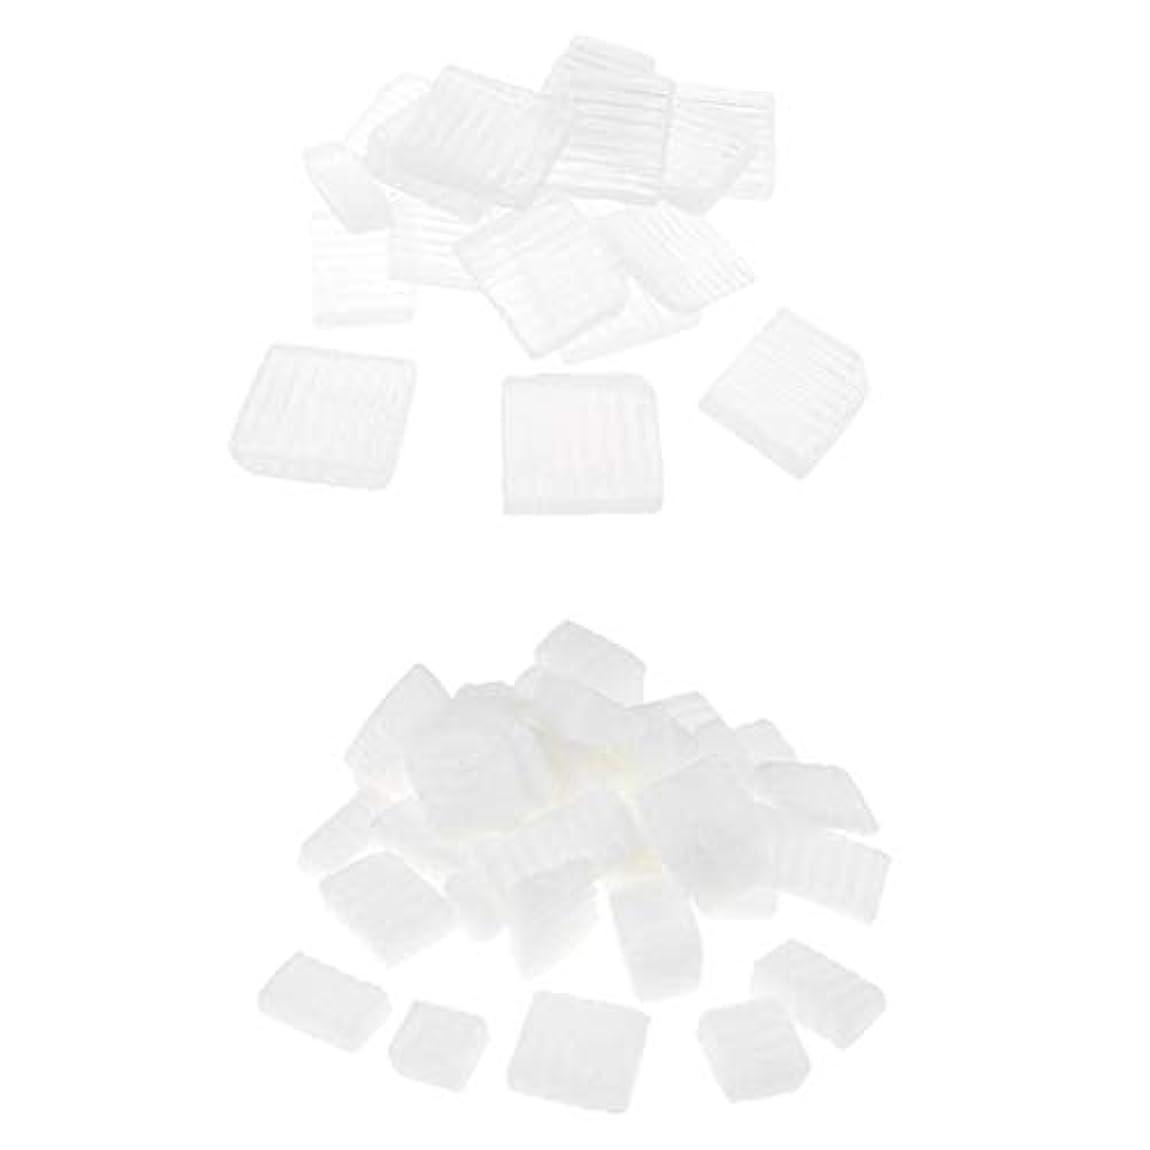 強化一方、ブルゴーニュBaoblaze 固形せっけん 2KG 2種 ホワイト 透明 DIYハンドメイド ソープ原料 石鹸製造 古典的